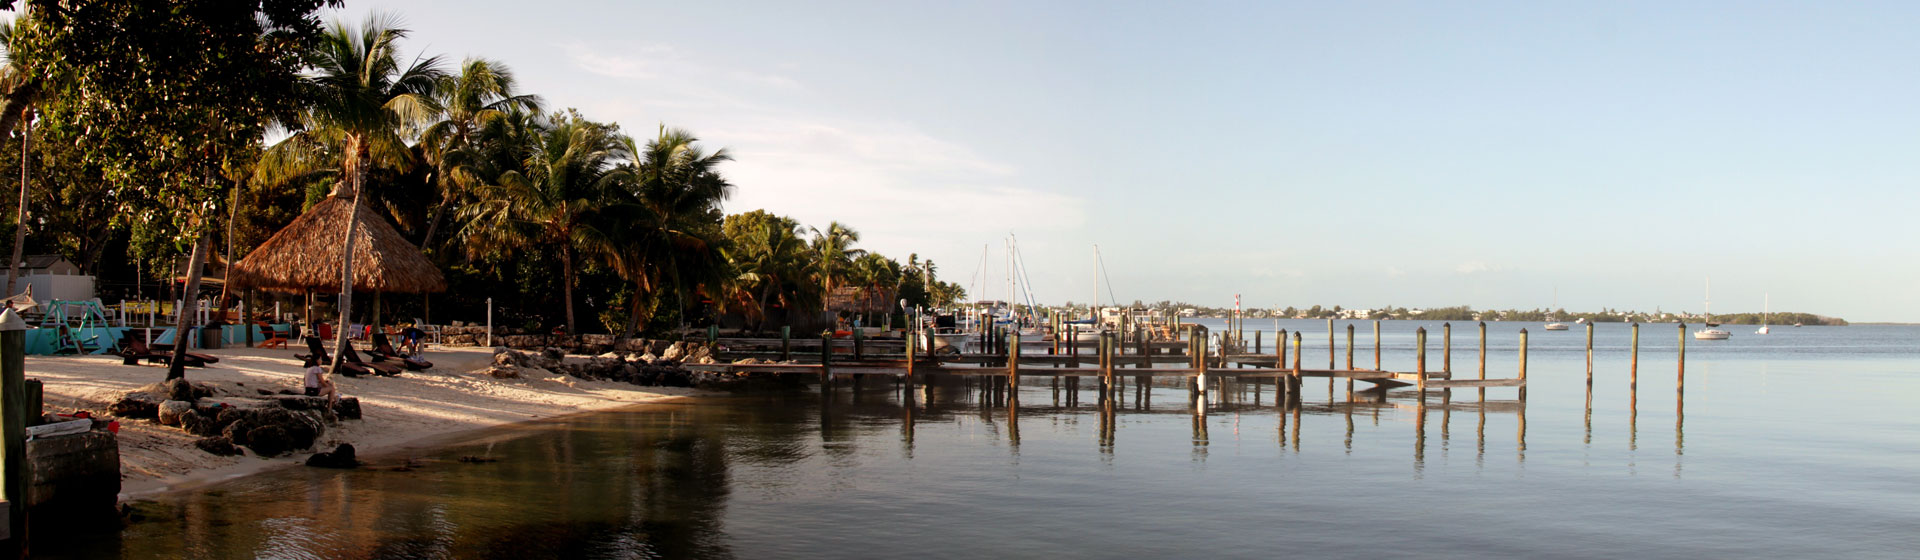 Strandvy med bryggor ut i havet i Florida.